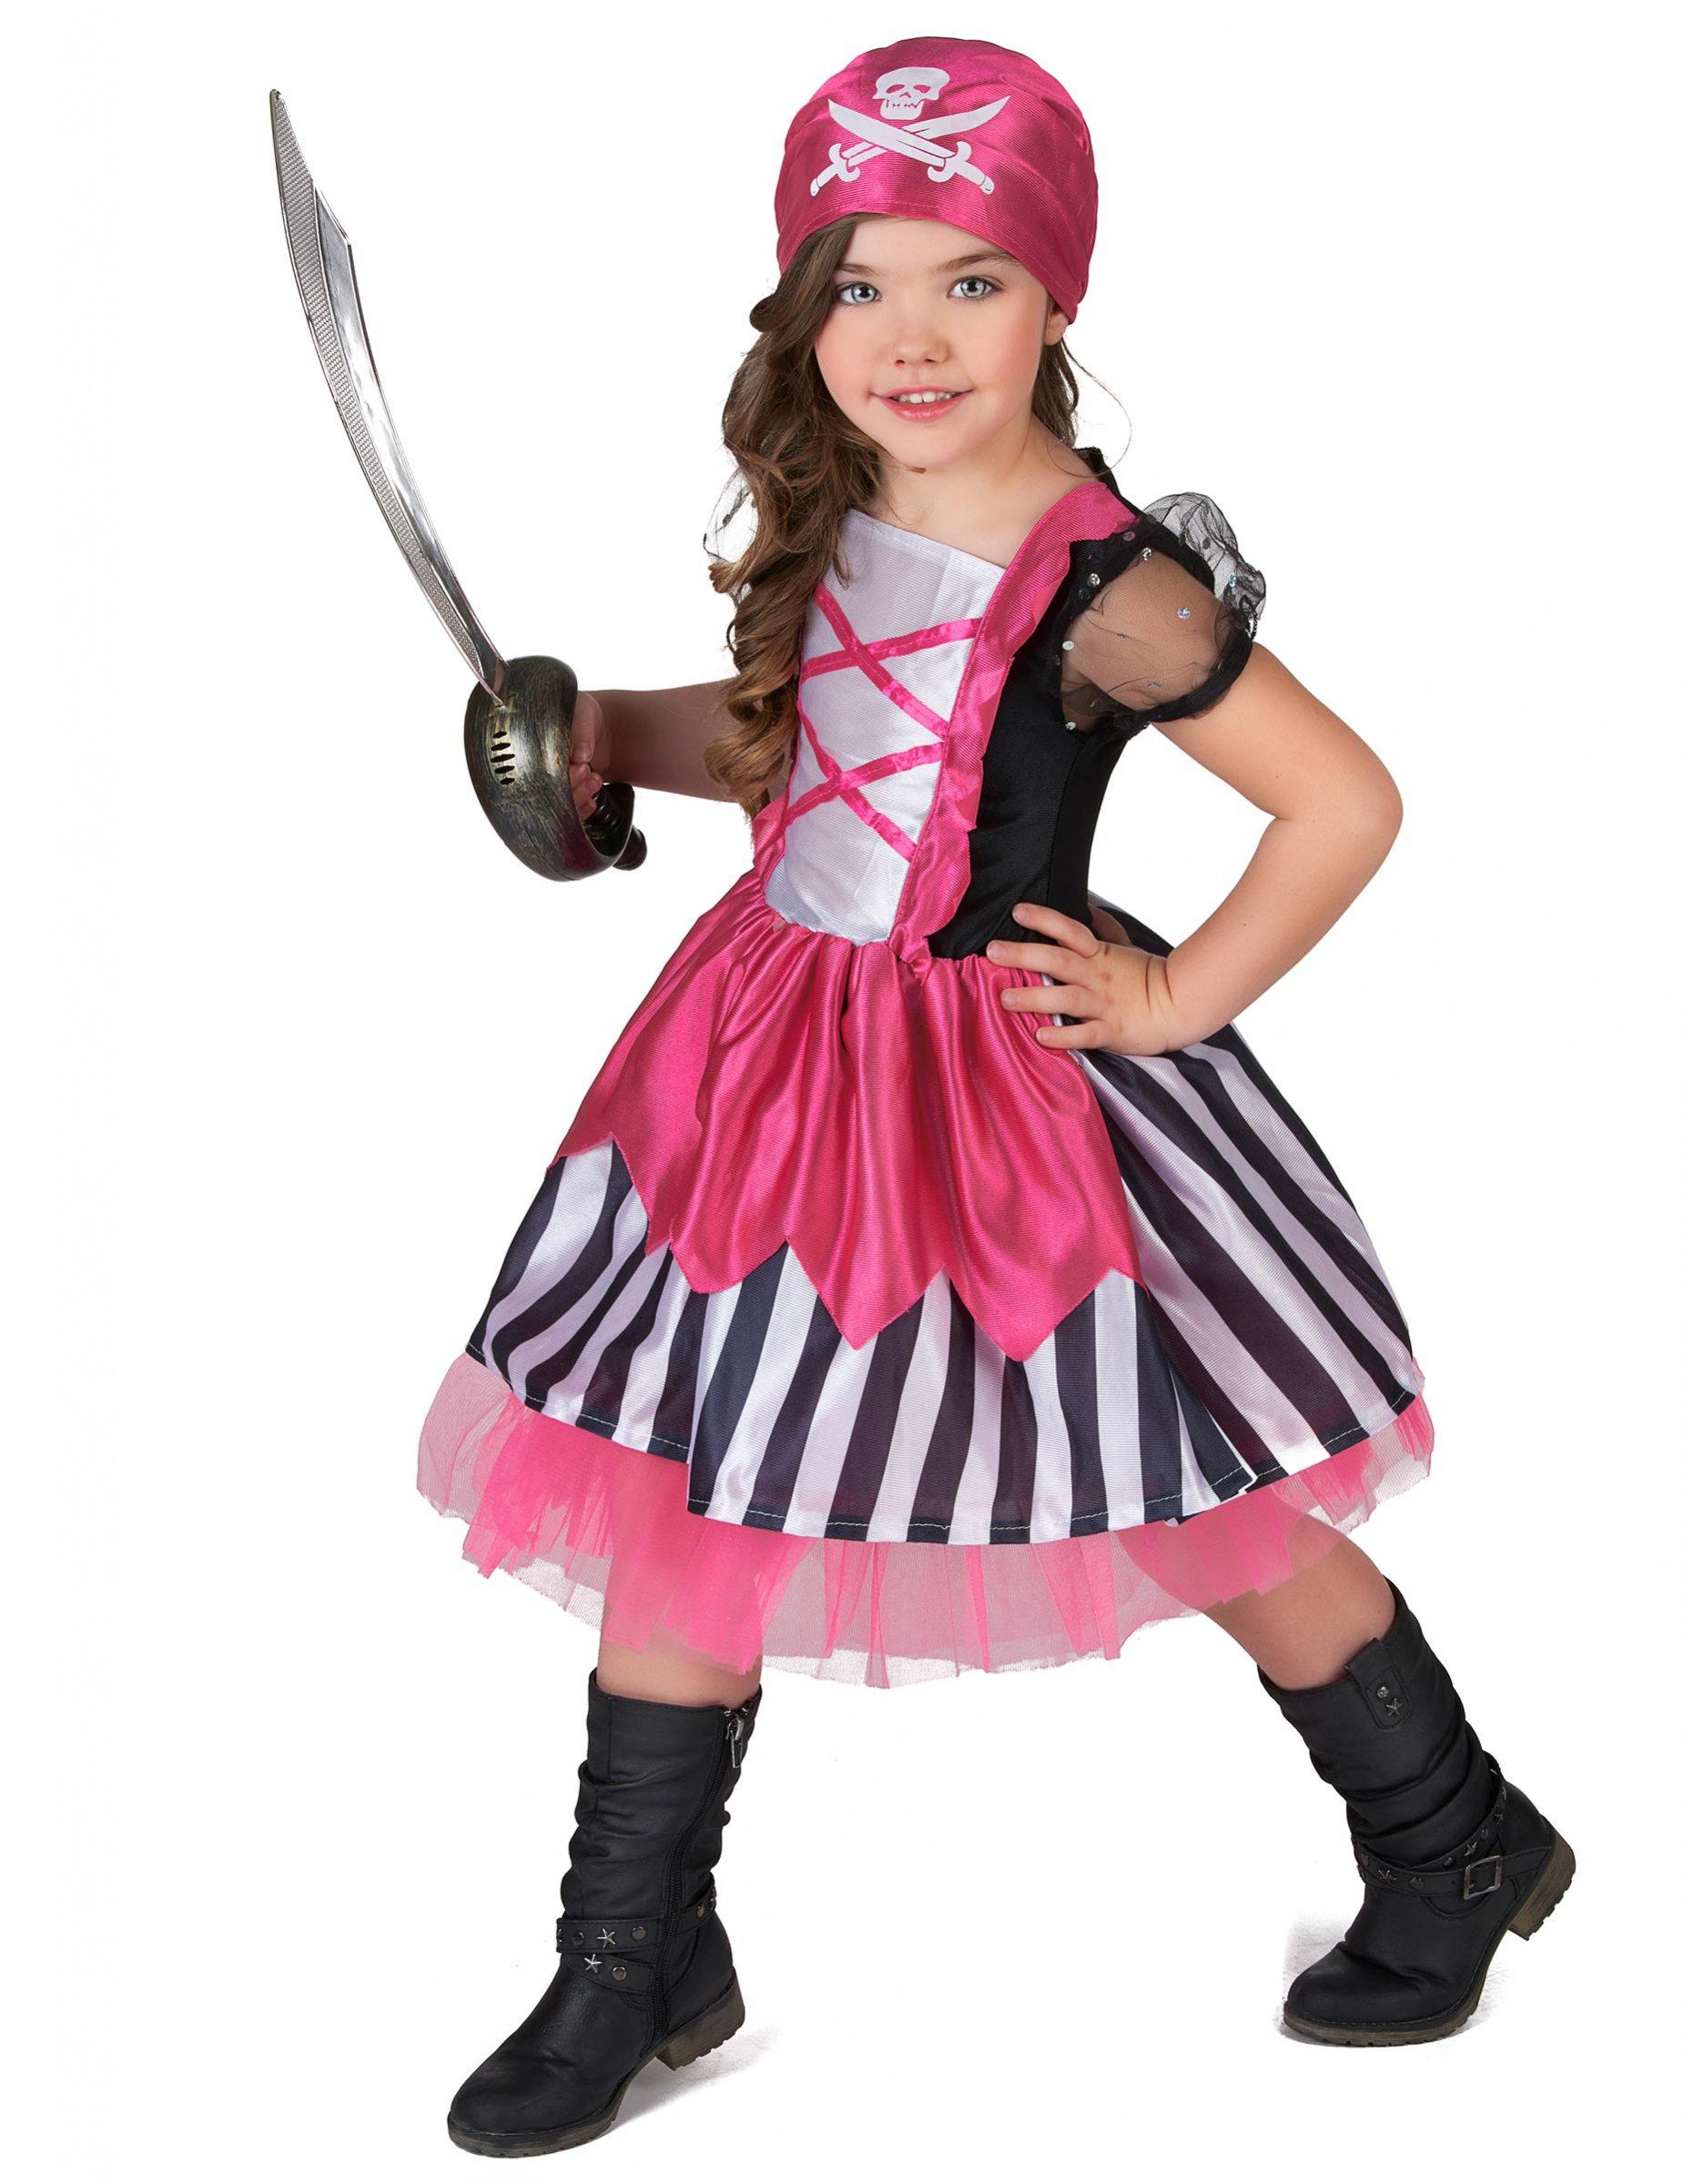 Disfraz pirata rosa niña: Disfraces niños,y disfraces originales ...